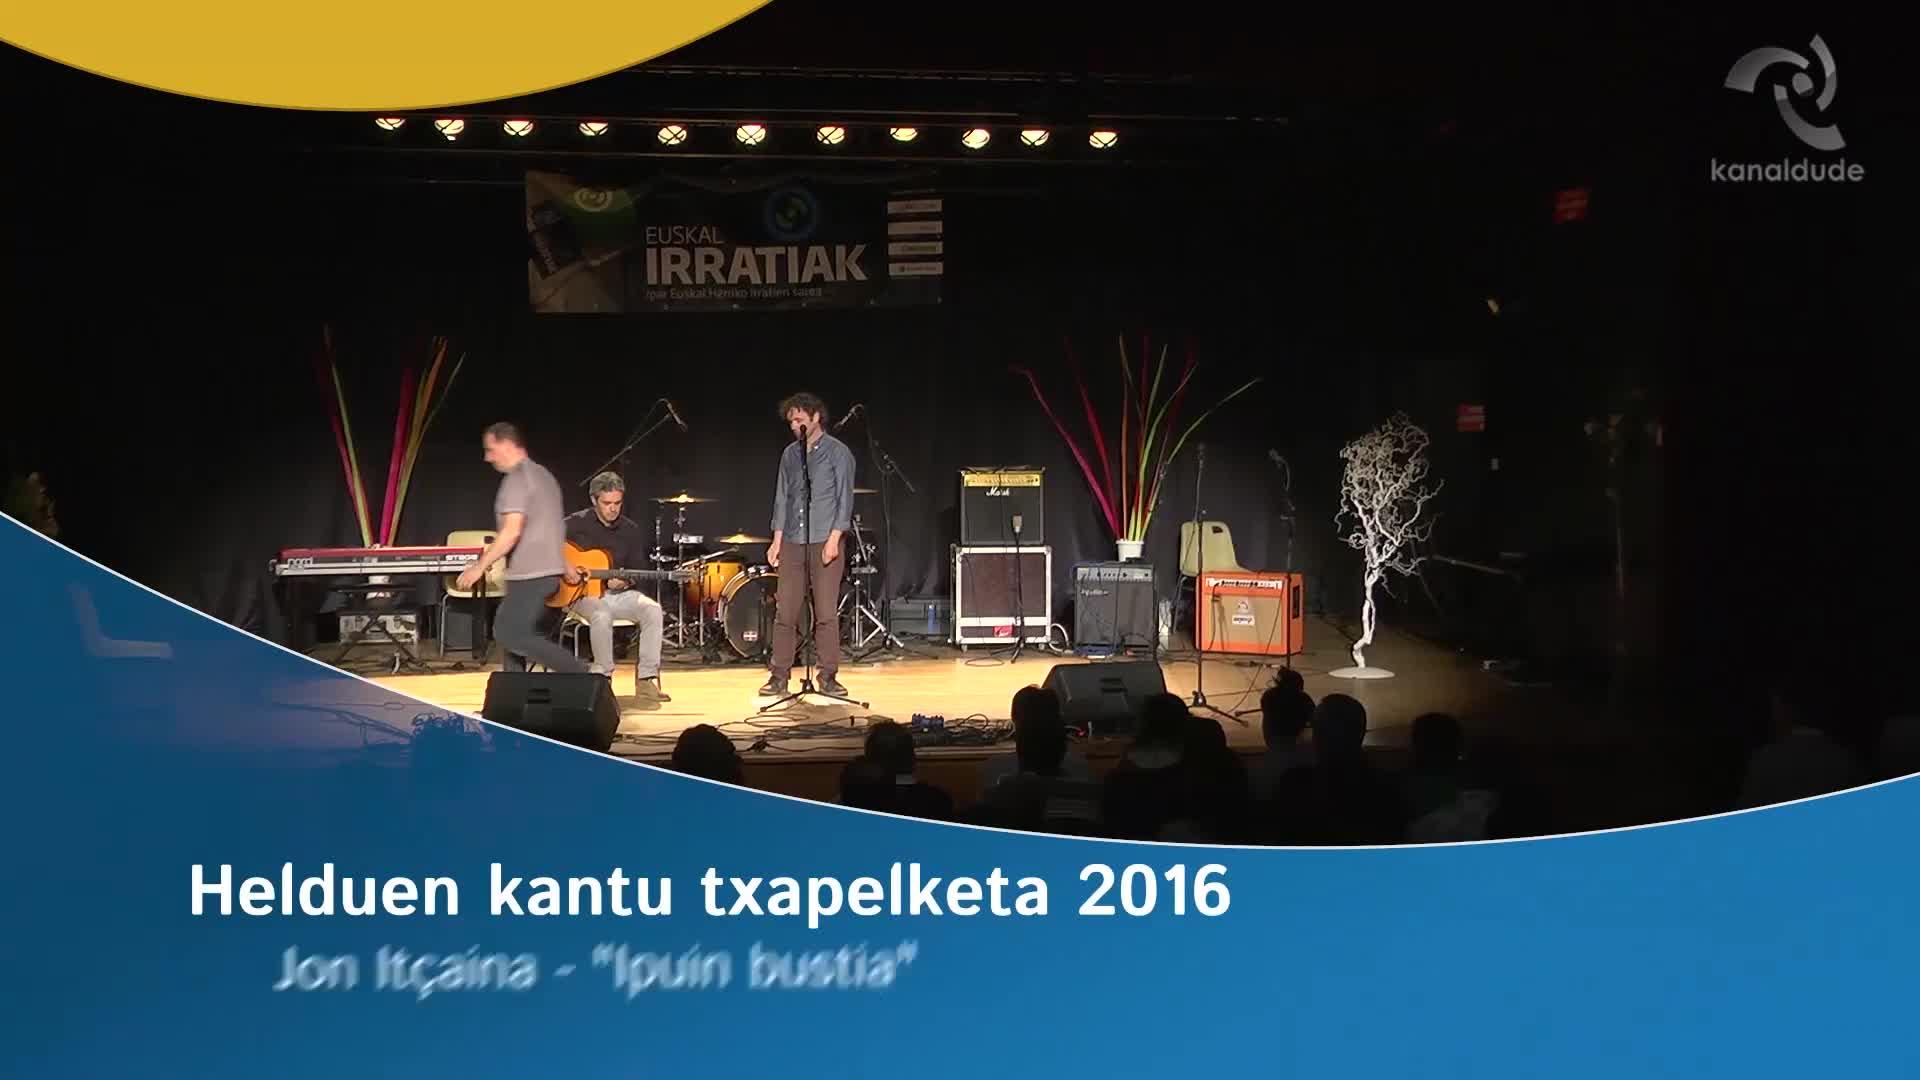 """Helduen Kantu Txapelketa 2016: Jon Itzaina """"Ipuin bustia"""""""